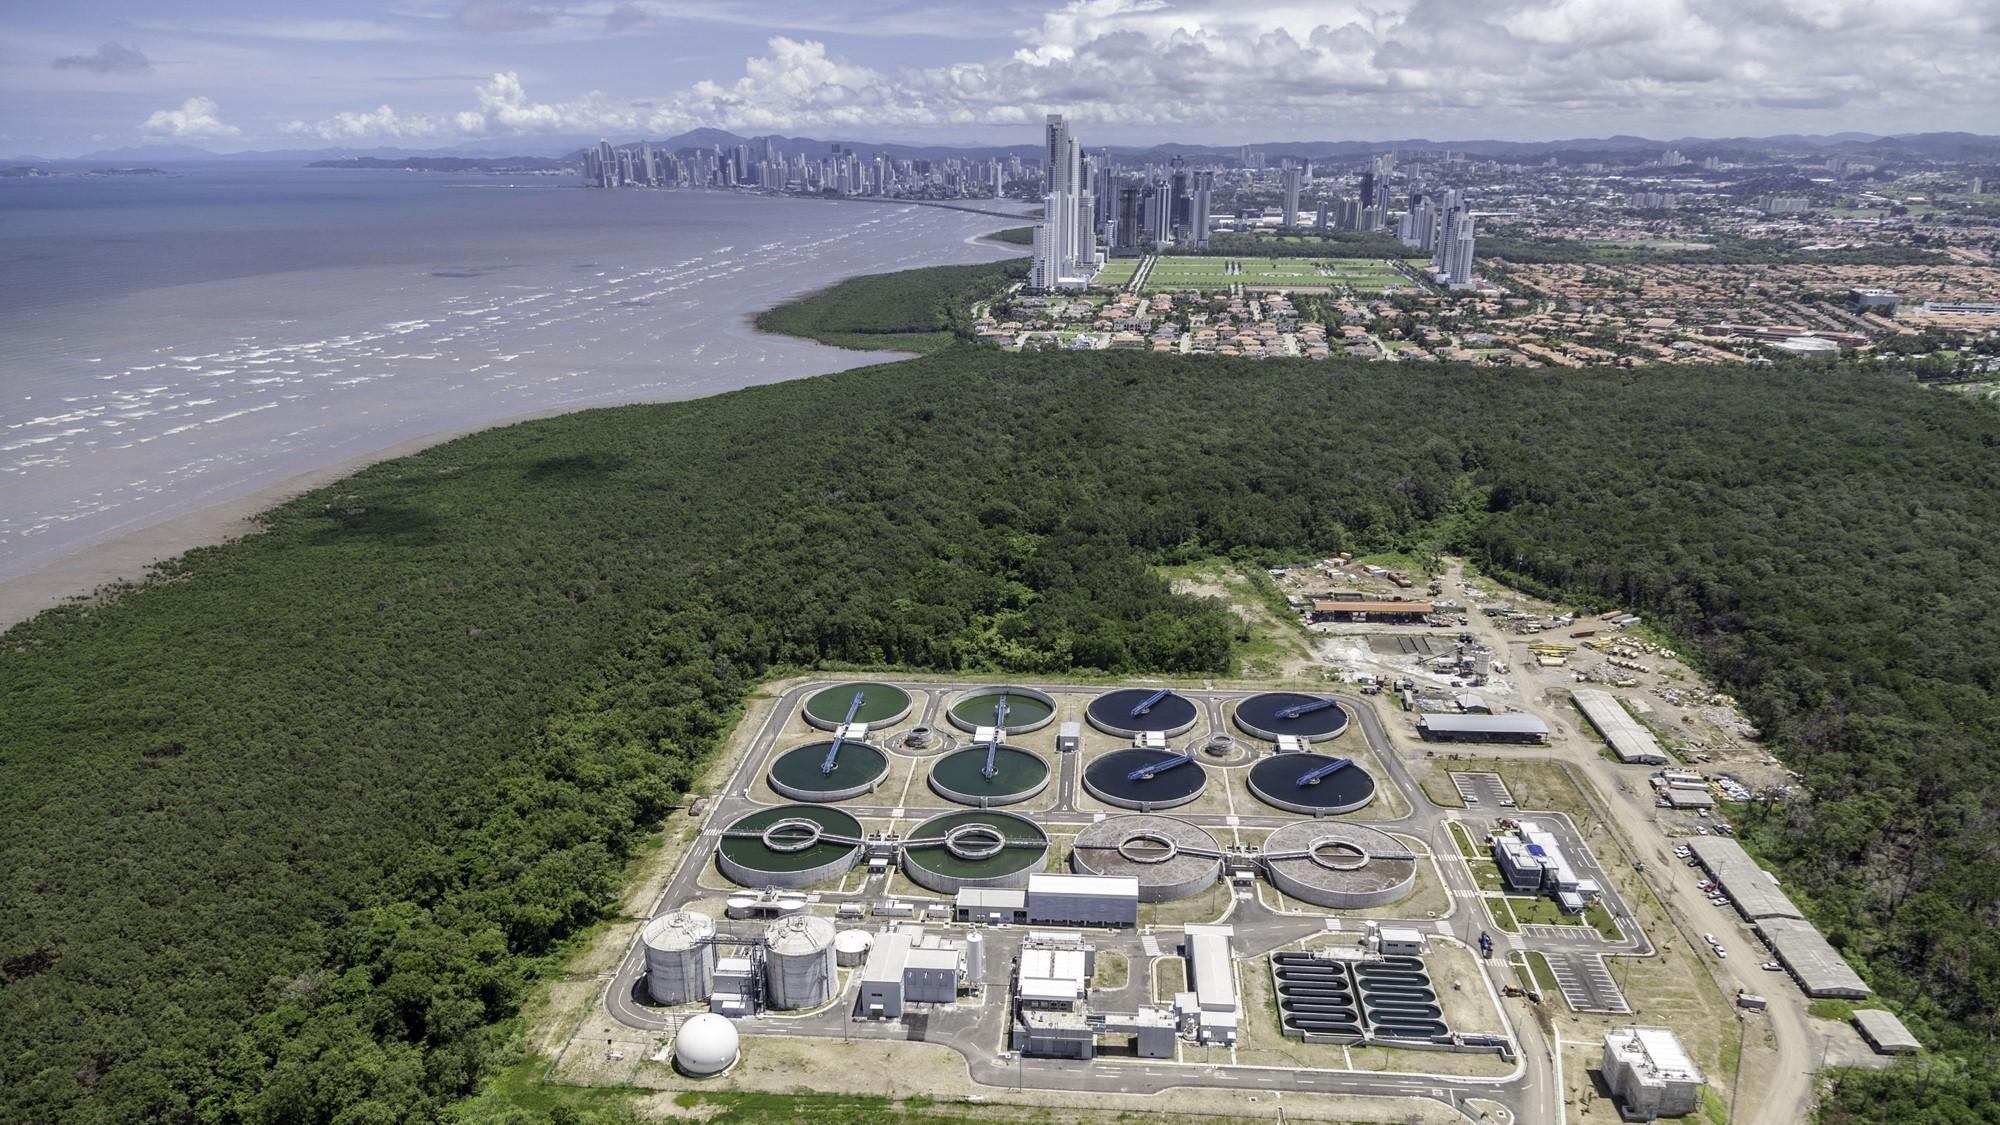 imagen de la planta de tratamiento de aguas residuales Juan Díaz en Panama